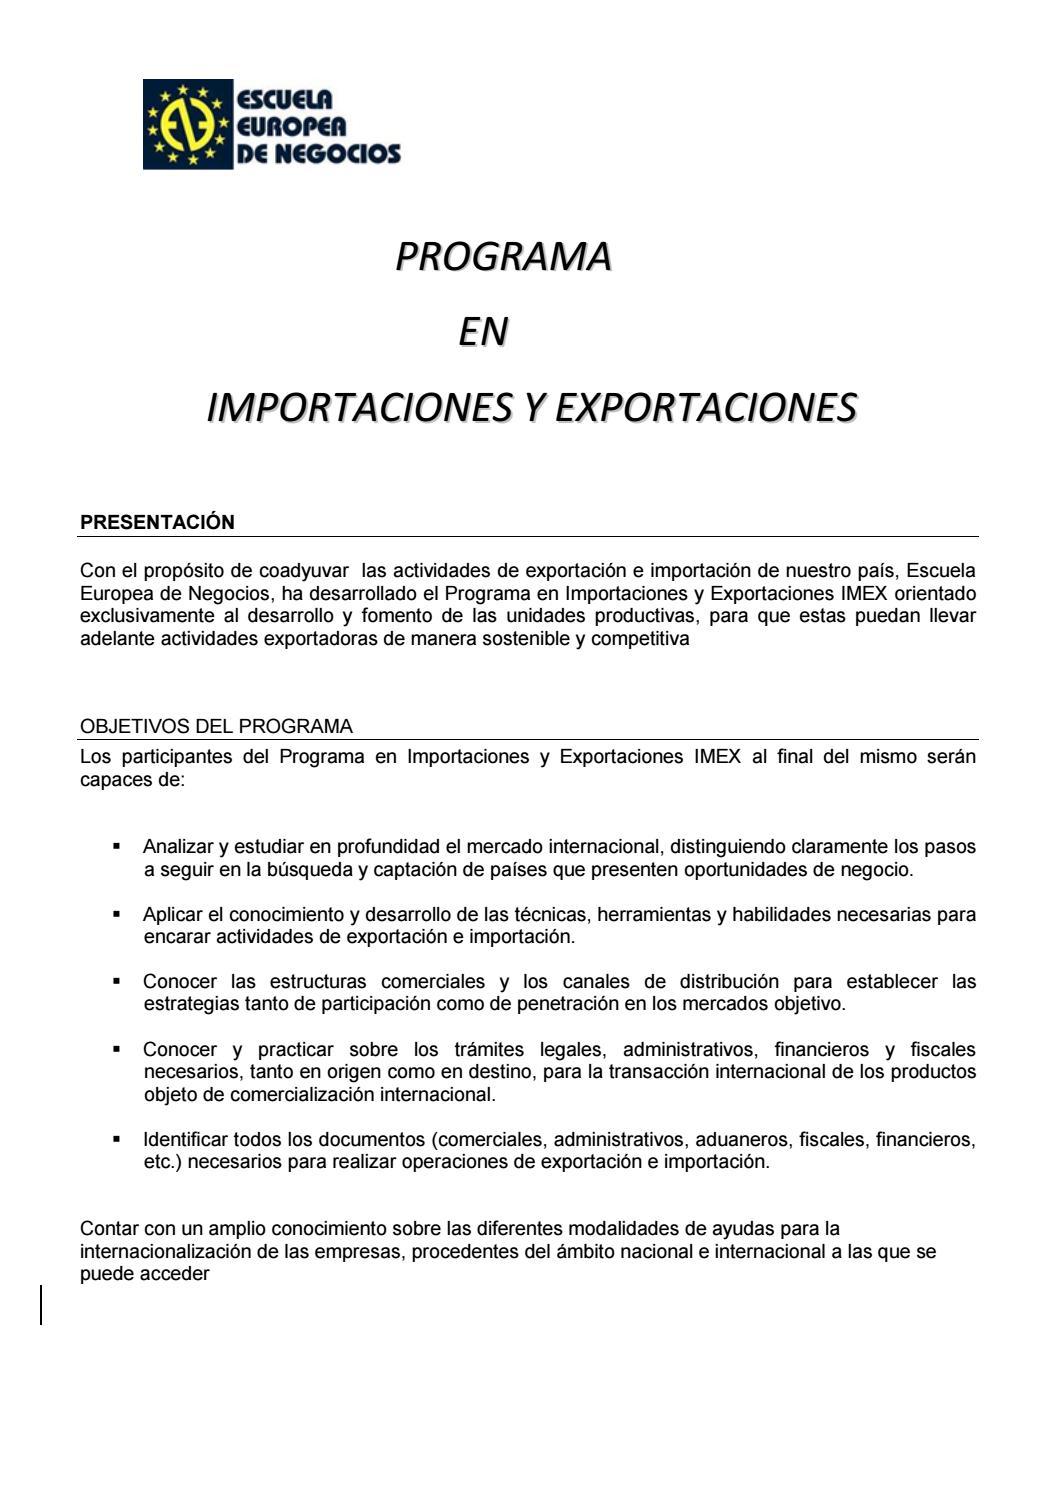 Programa de importaciones y exportaciones 2015 by vendelp - issuu